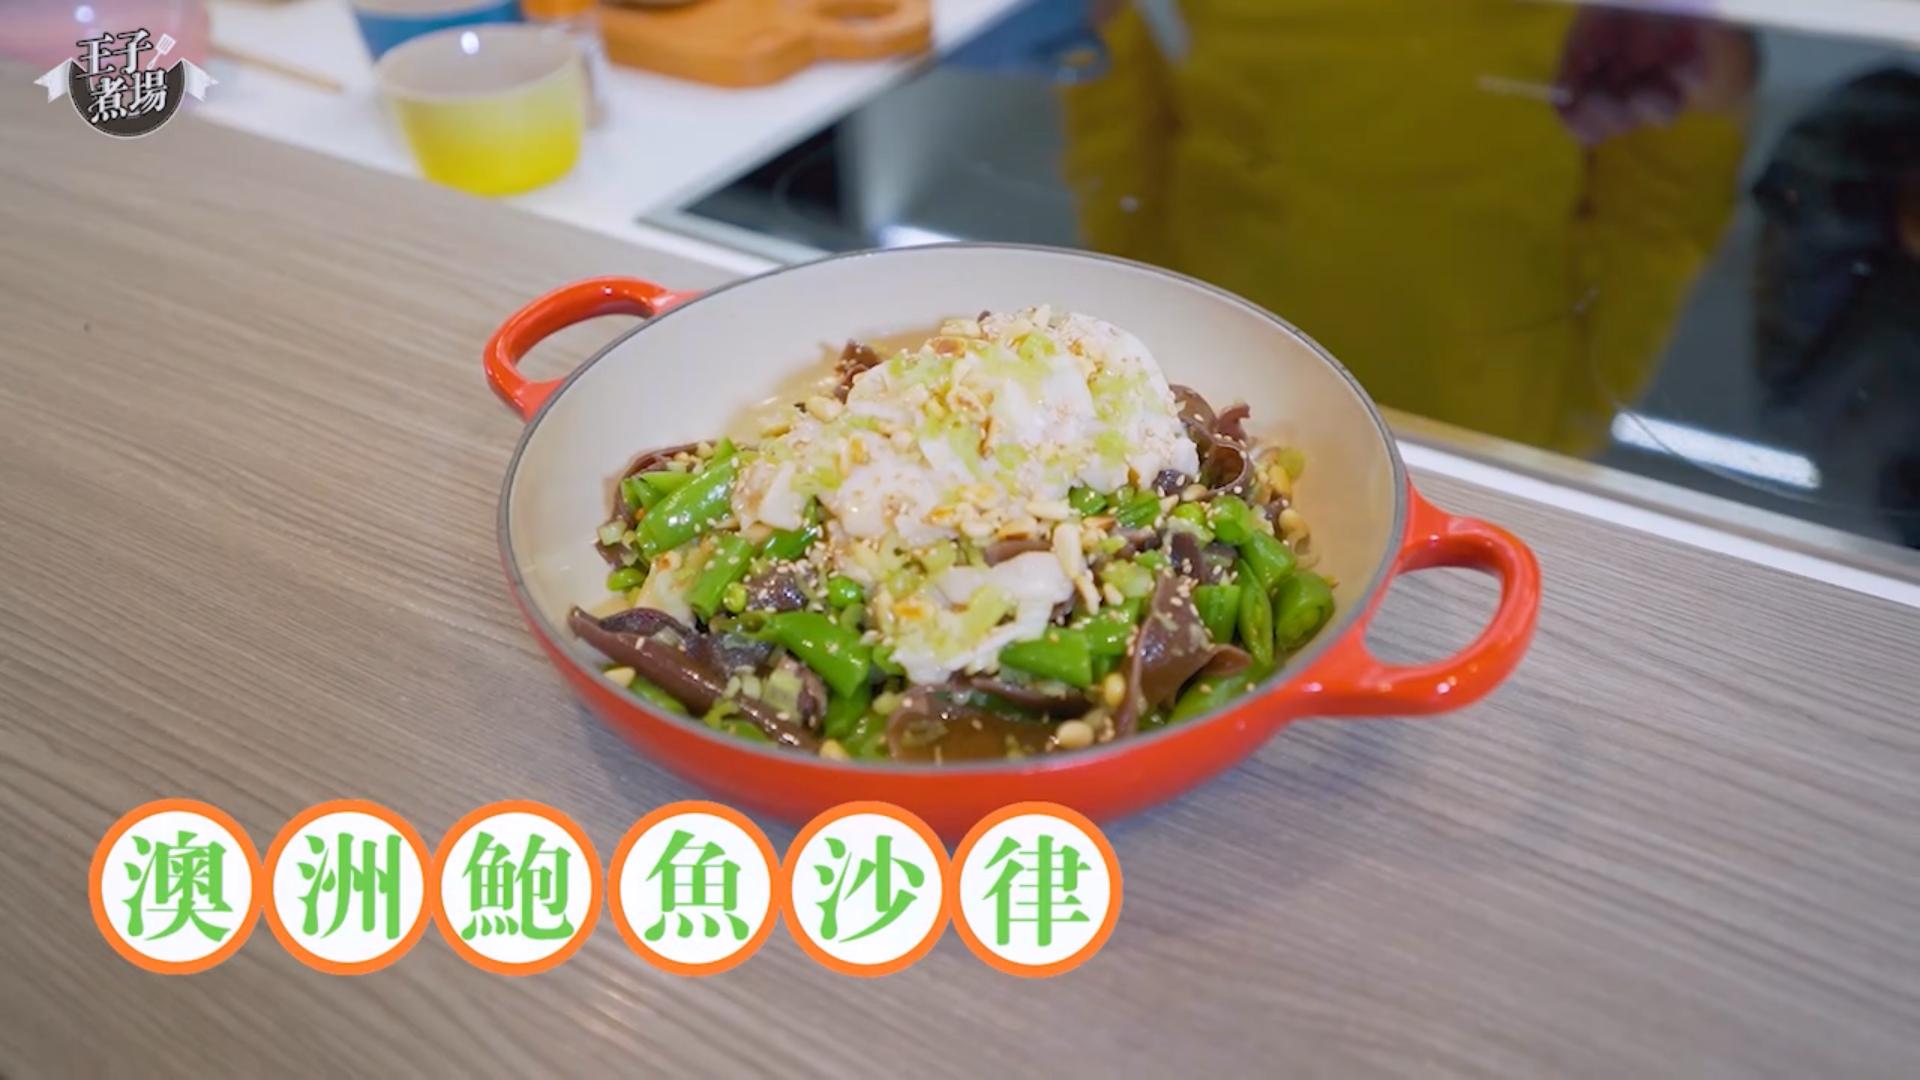 【有片】王子煮場 – 做冬輕鬆煮 輕盈過節菜 澳洲鮑魚沙律